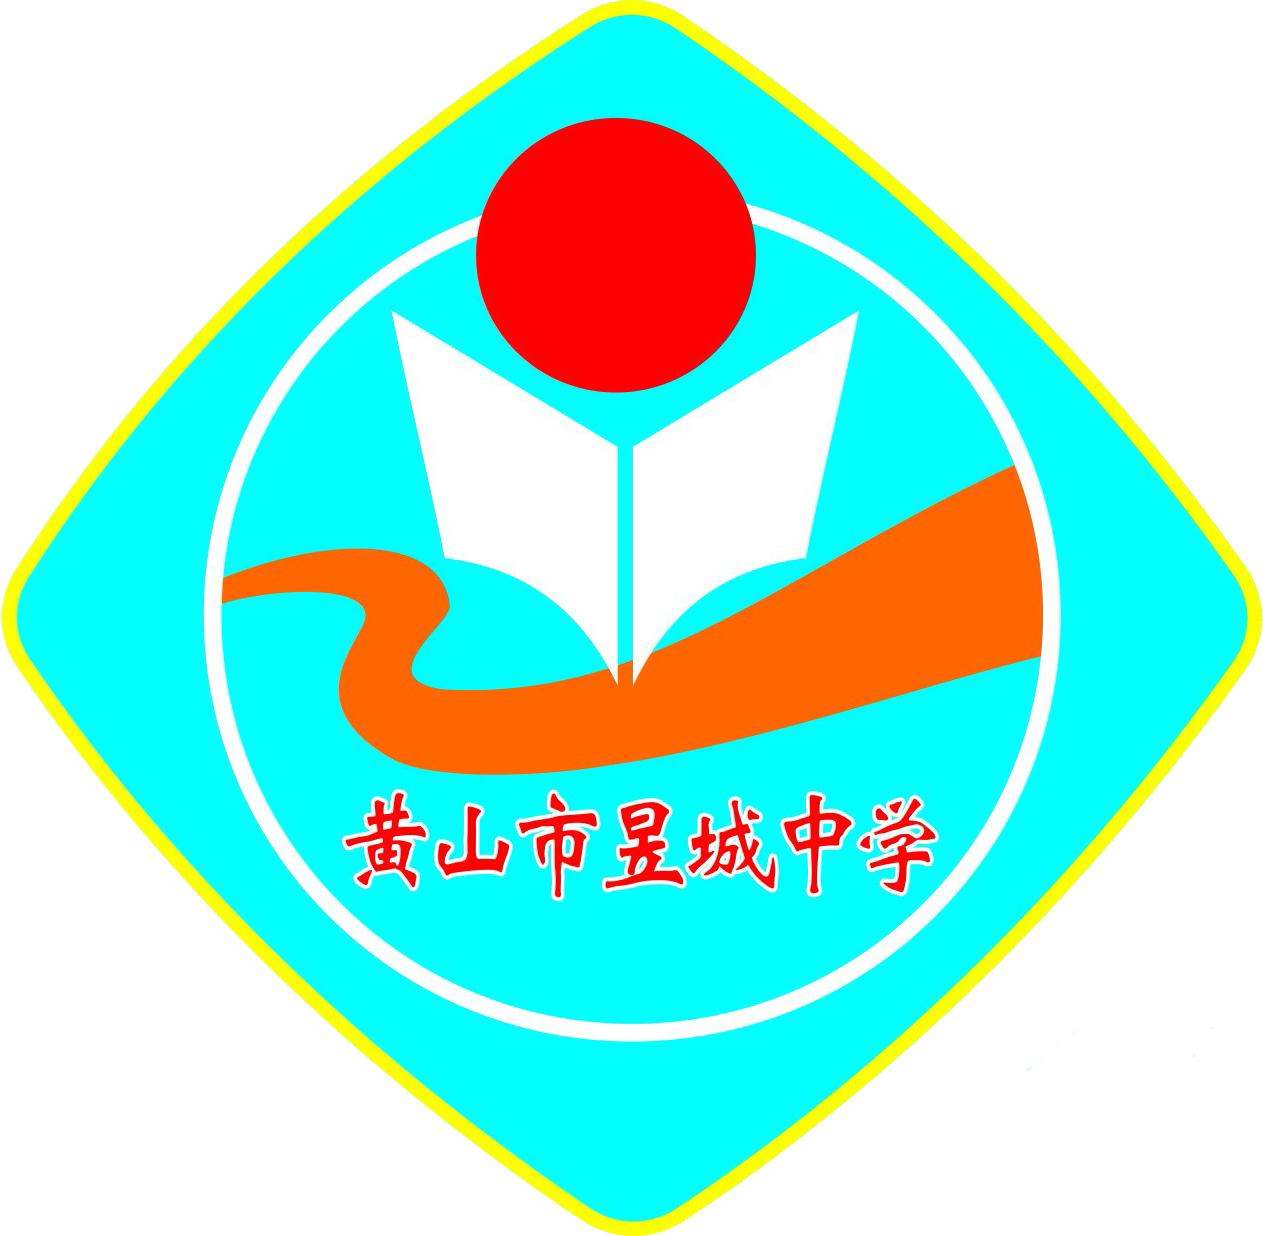 安徽省黄山市昱城中学